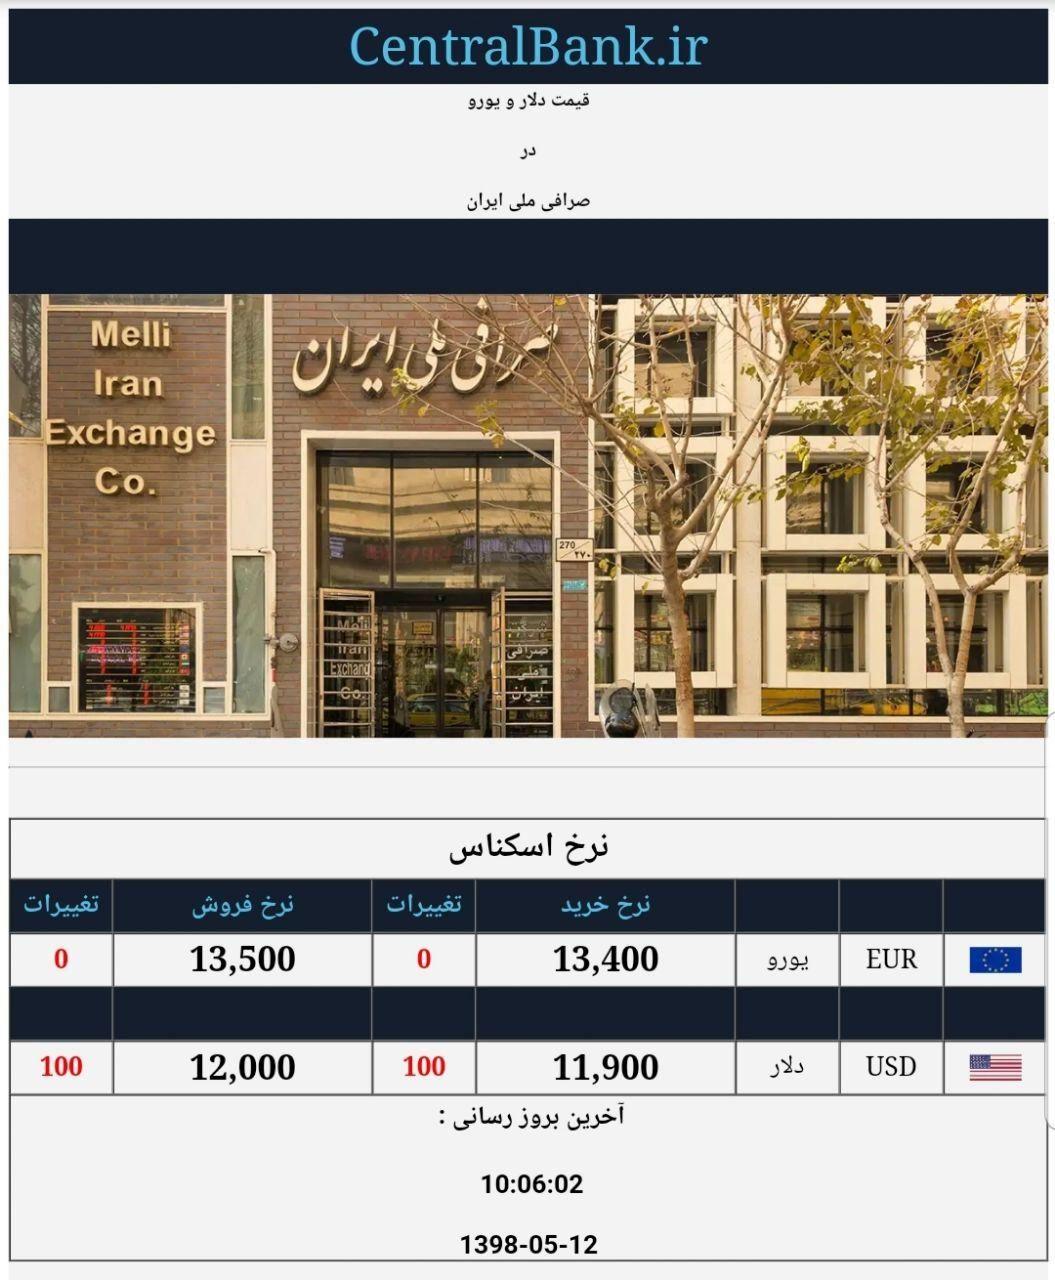 قیمت دلار و یورو در صرافی ملی امروز ۱۳۹۸/۰۵/۱۲